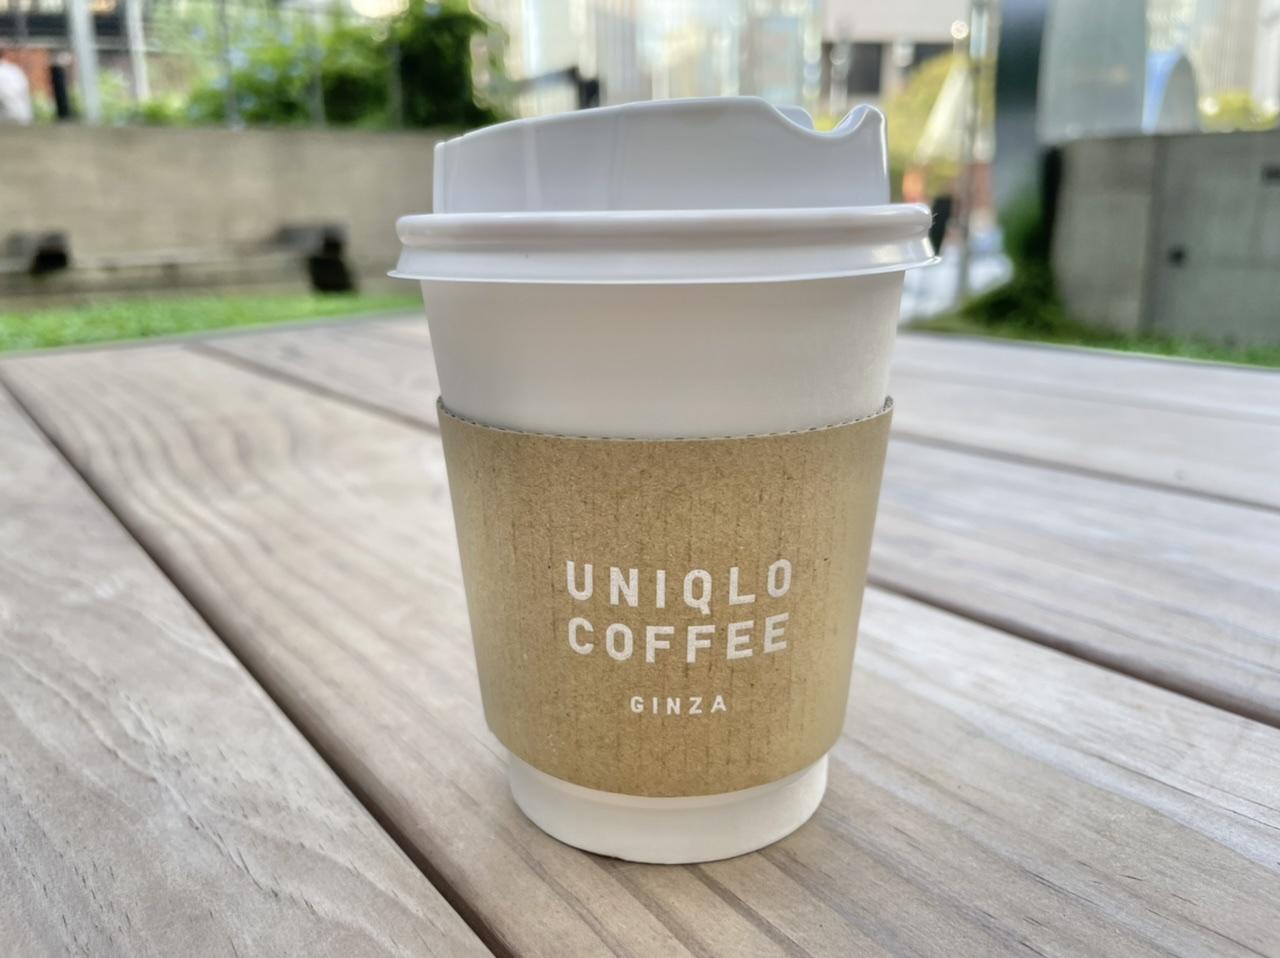 ユニクロコーヒーのオリジナルブレンドコーヒー